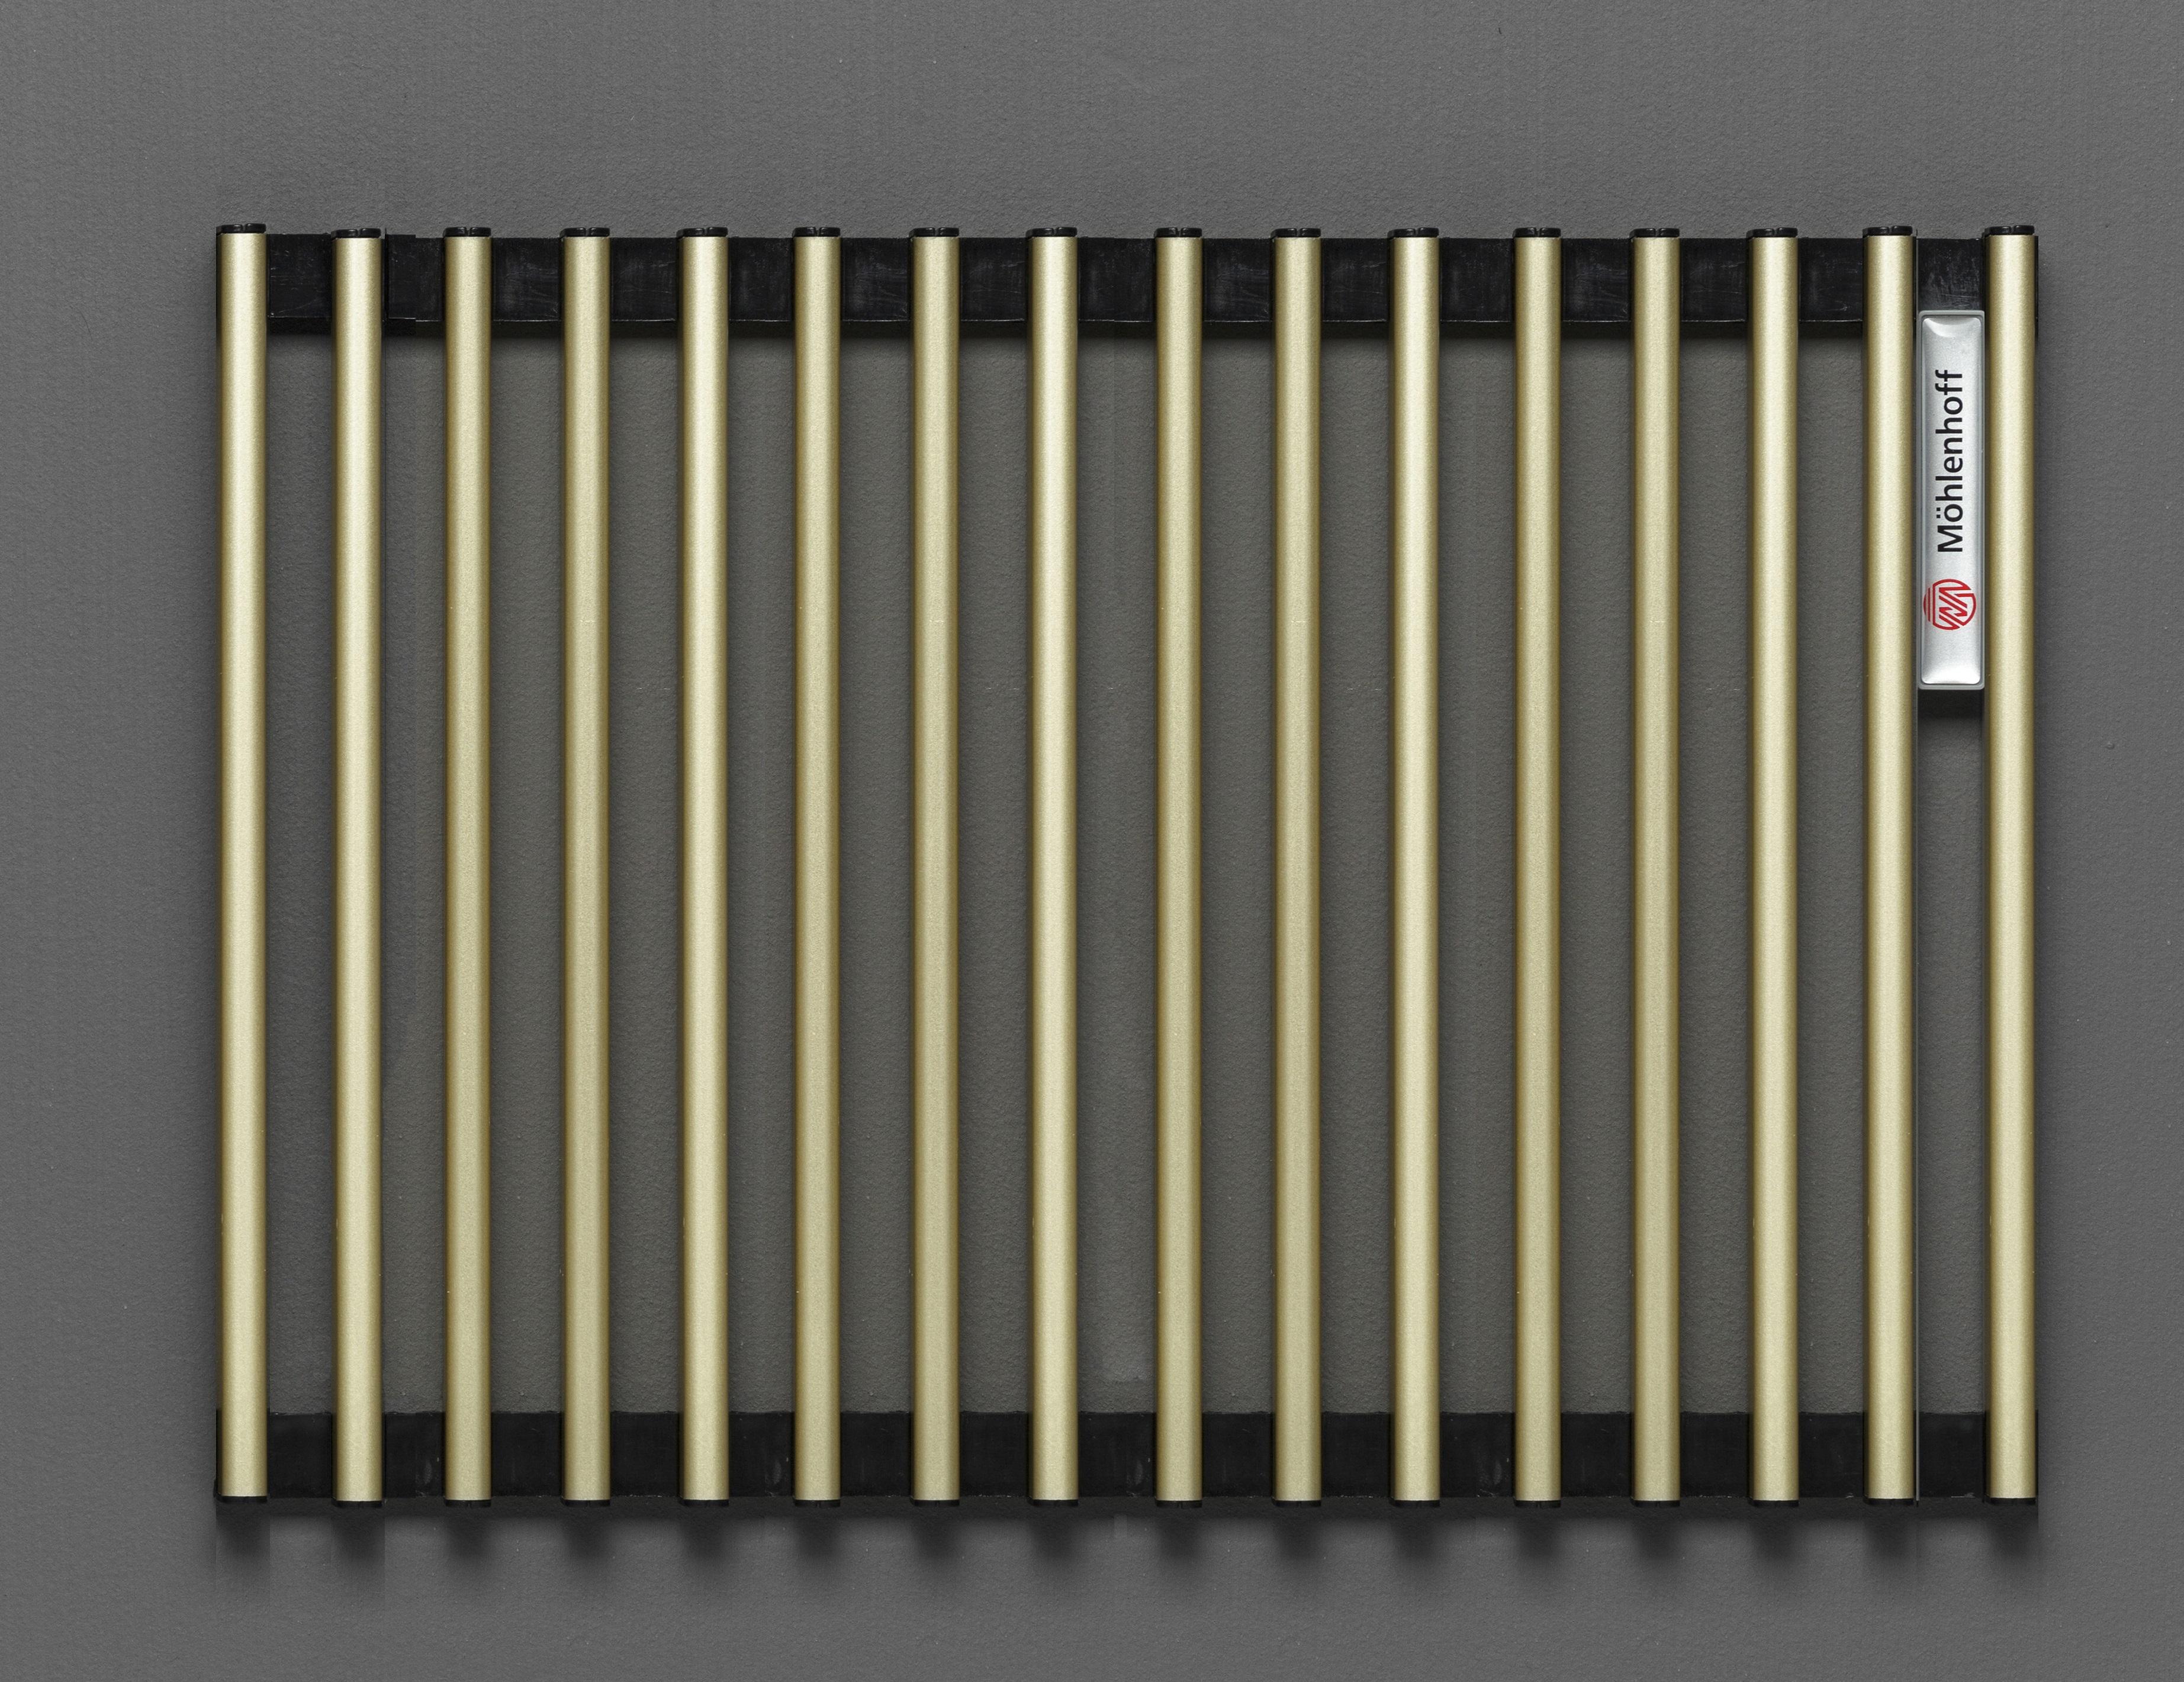 Купить Декоративная решётка Mohlenhoff светлая латунь, шириной 360 мм 1 пог. м, Россия